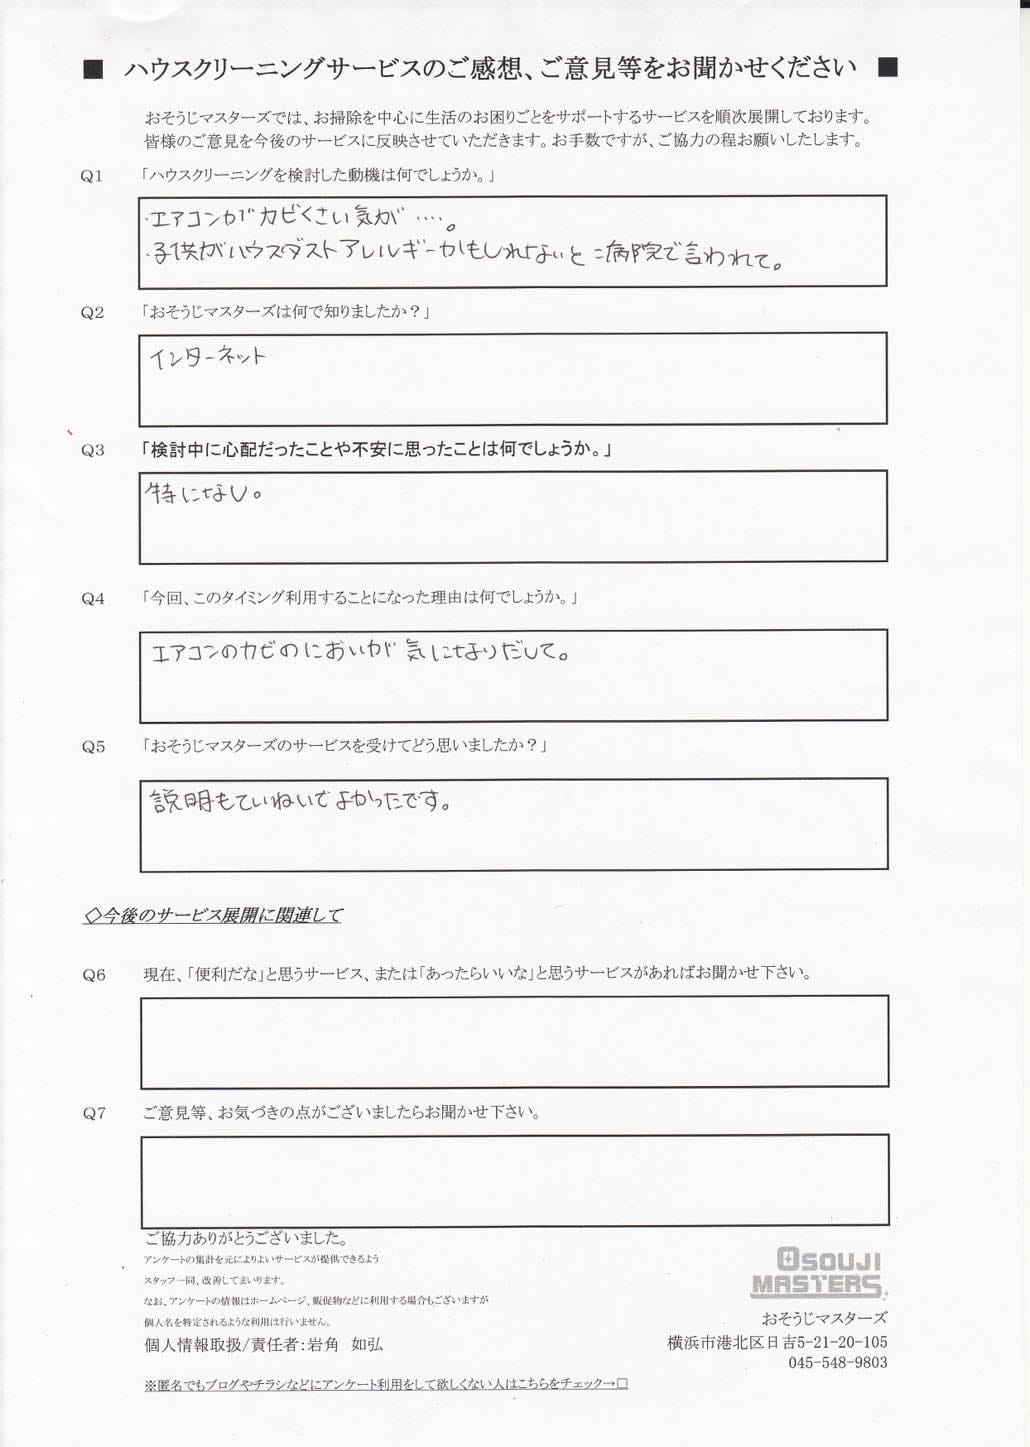 2015/08/04 エアコンクリーニング 横浜市南区